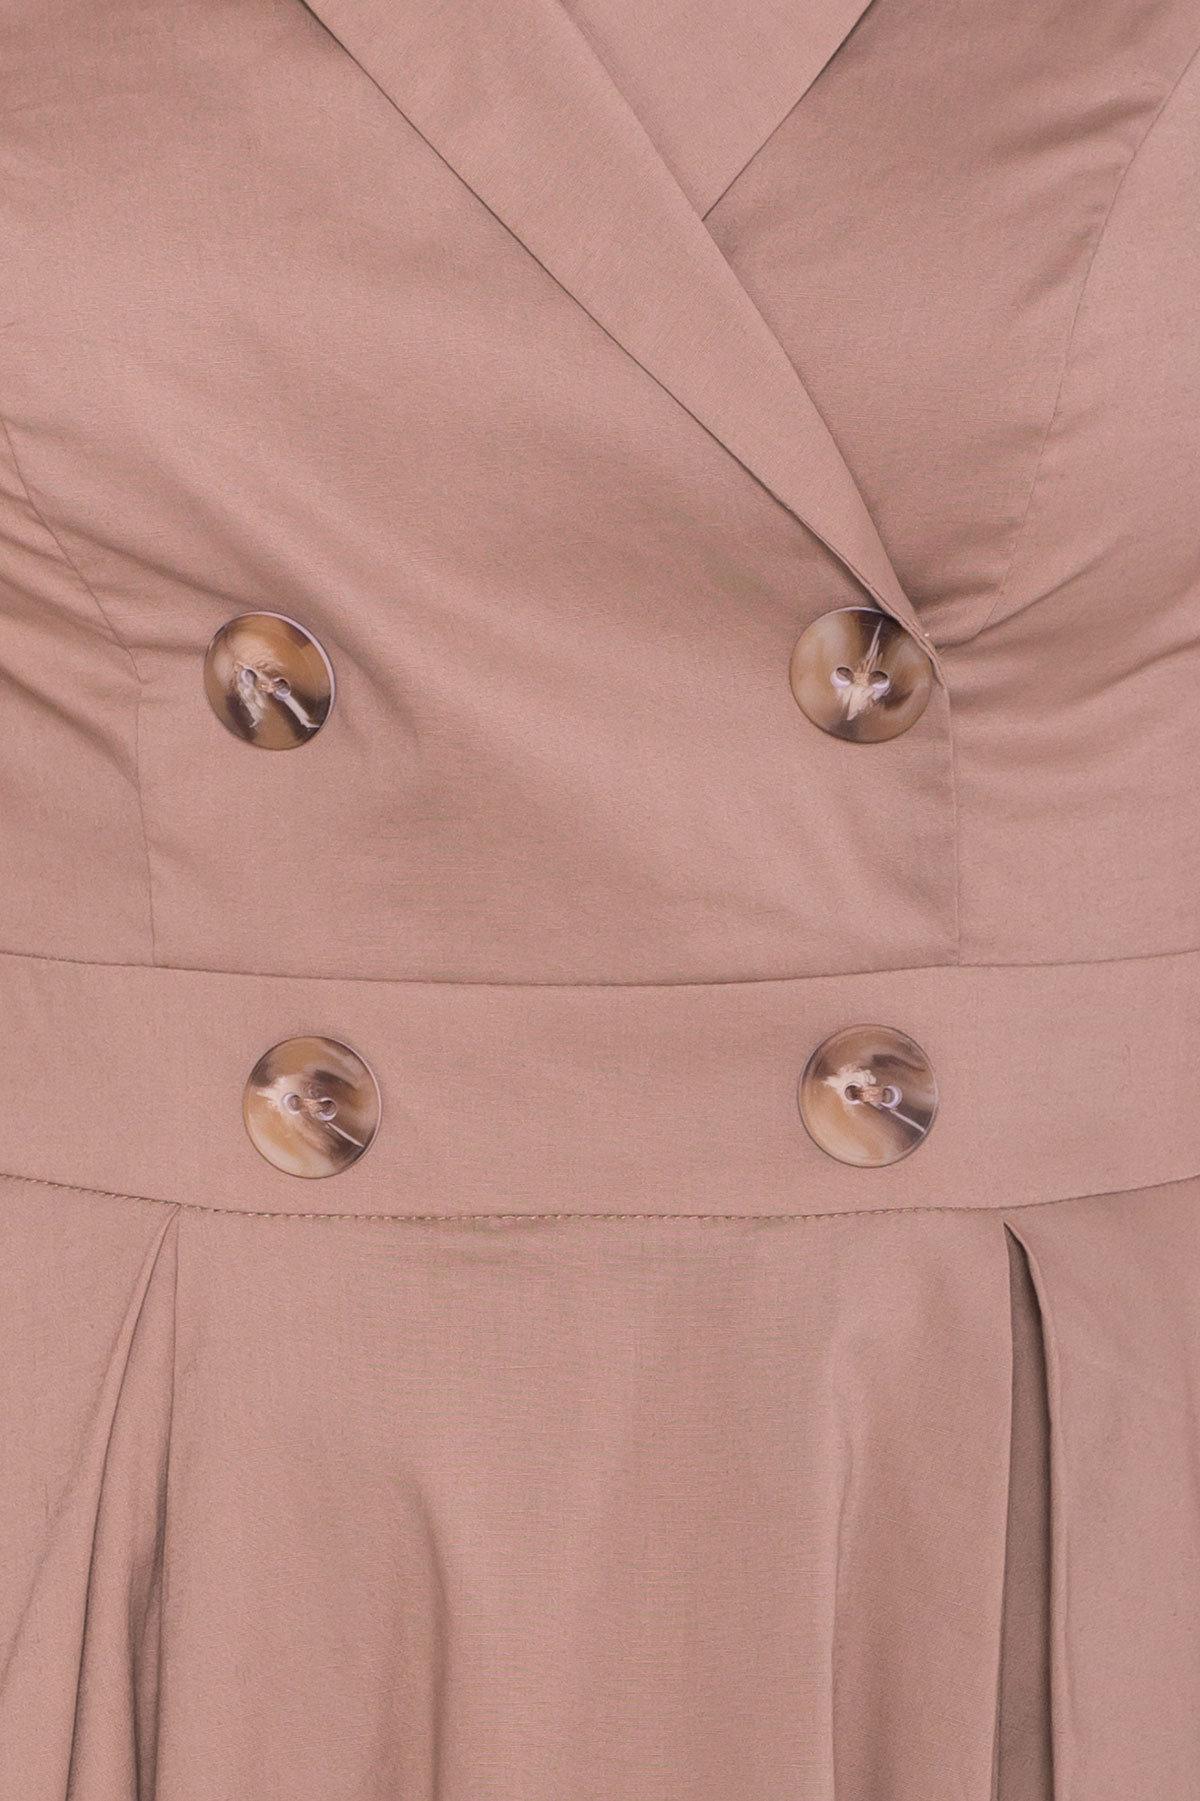 Платье Артего 7440 АРТ. 43452 Цвет: Бежевый 3 - фото 4, интернет магазин tm-modus.ru